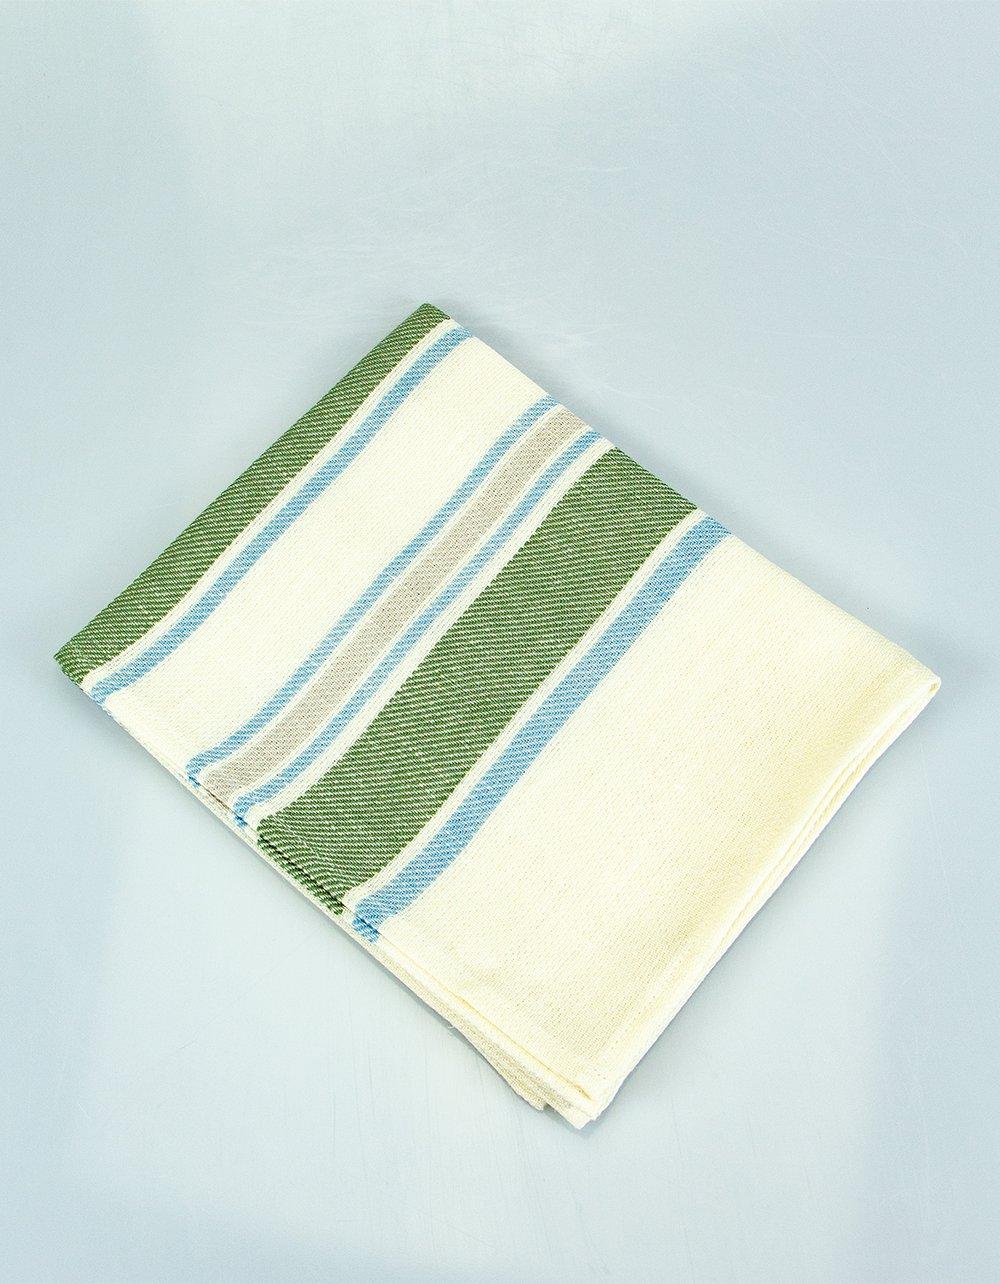 The Essential Ingredient Pure Linen Tea Towel - Green/Blue Stripes 80cm x 47cm